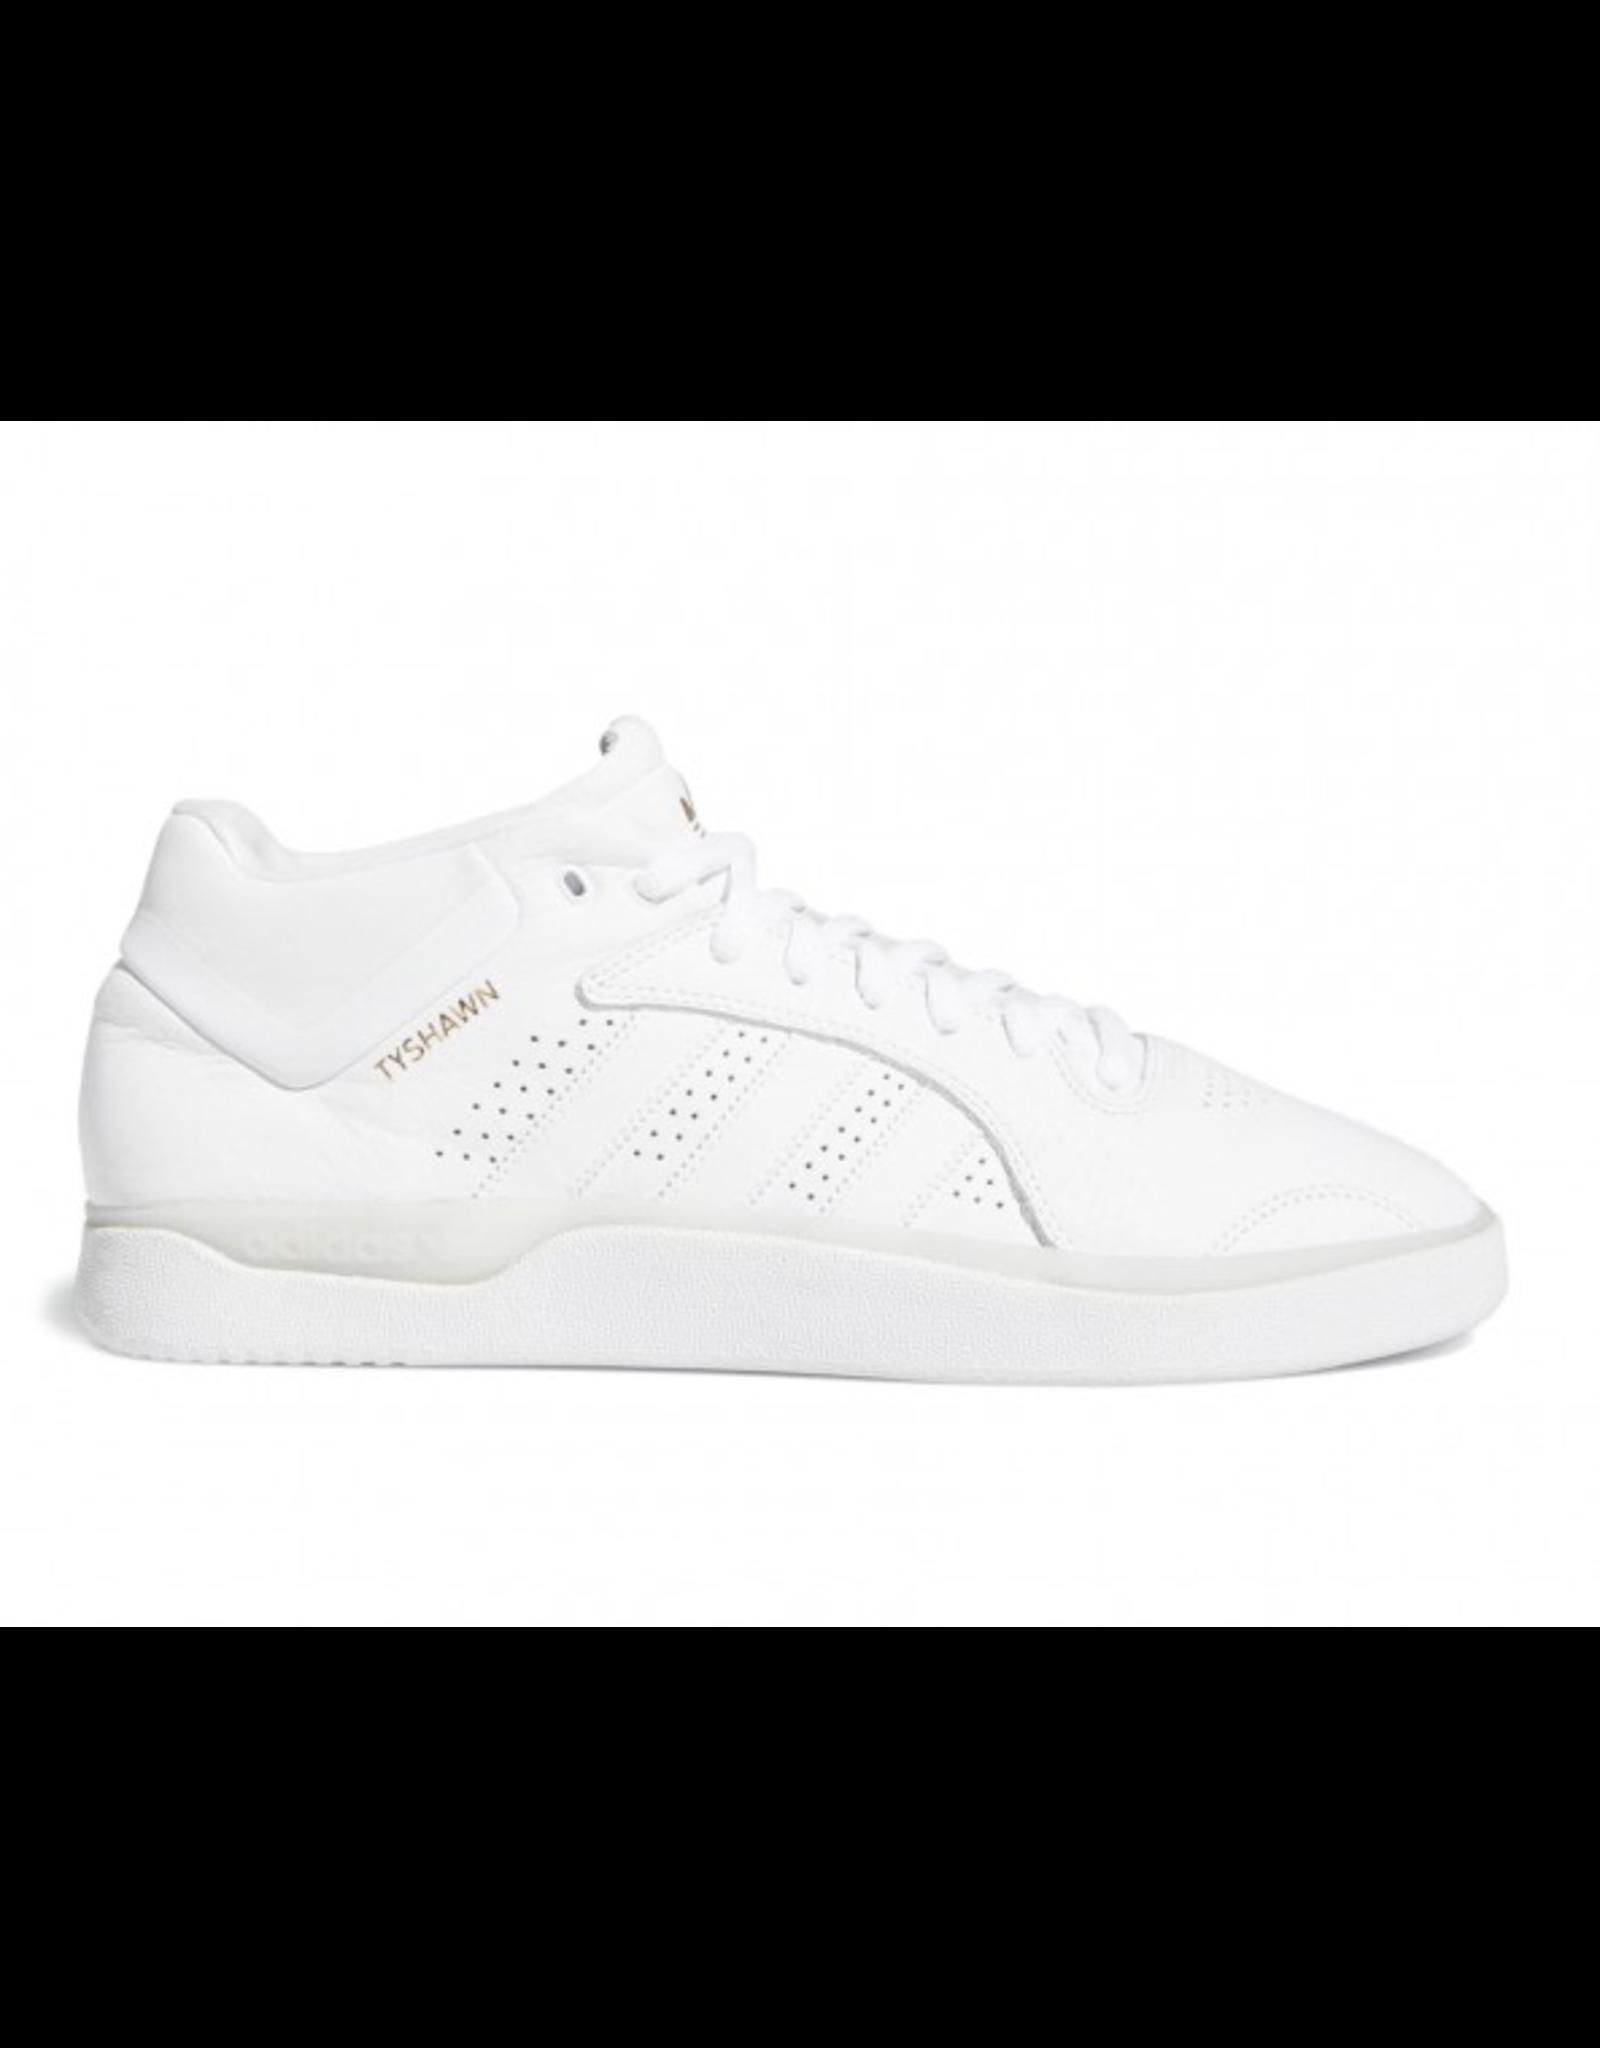 Adidas Tyshawn - Cloud White